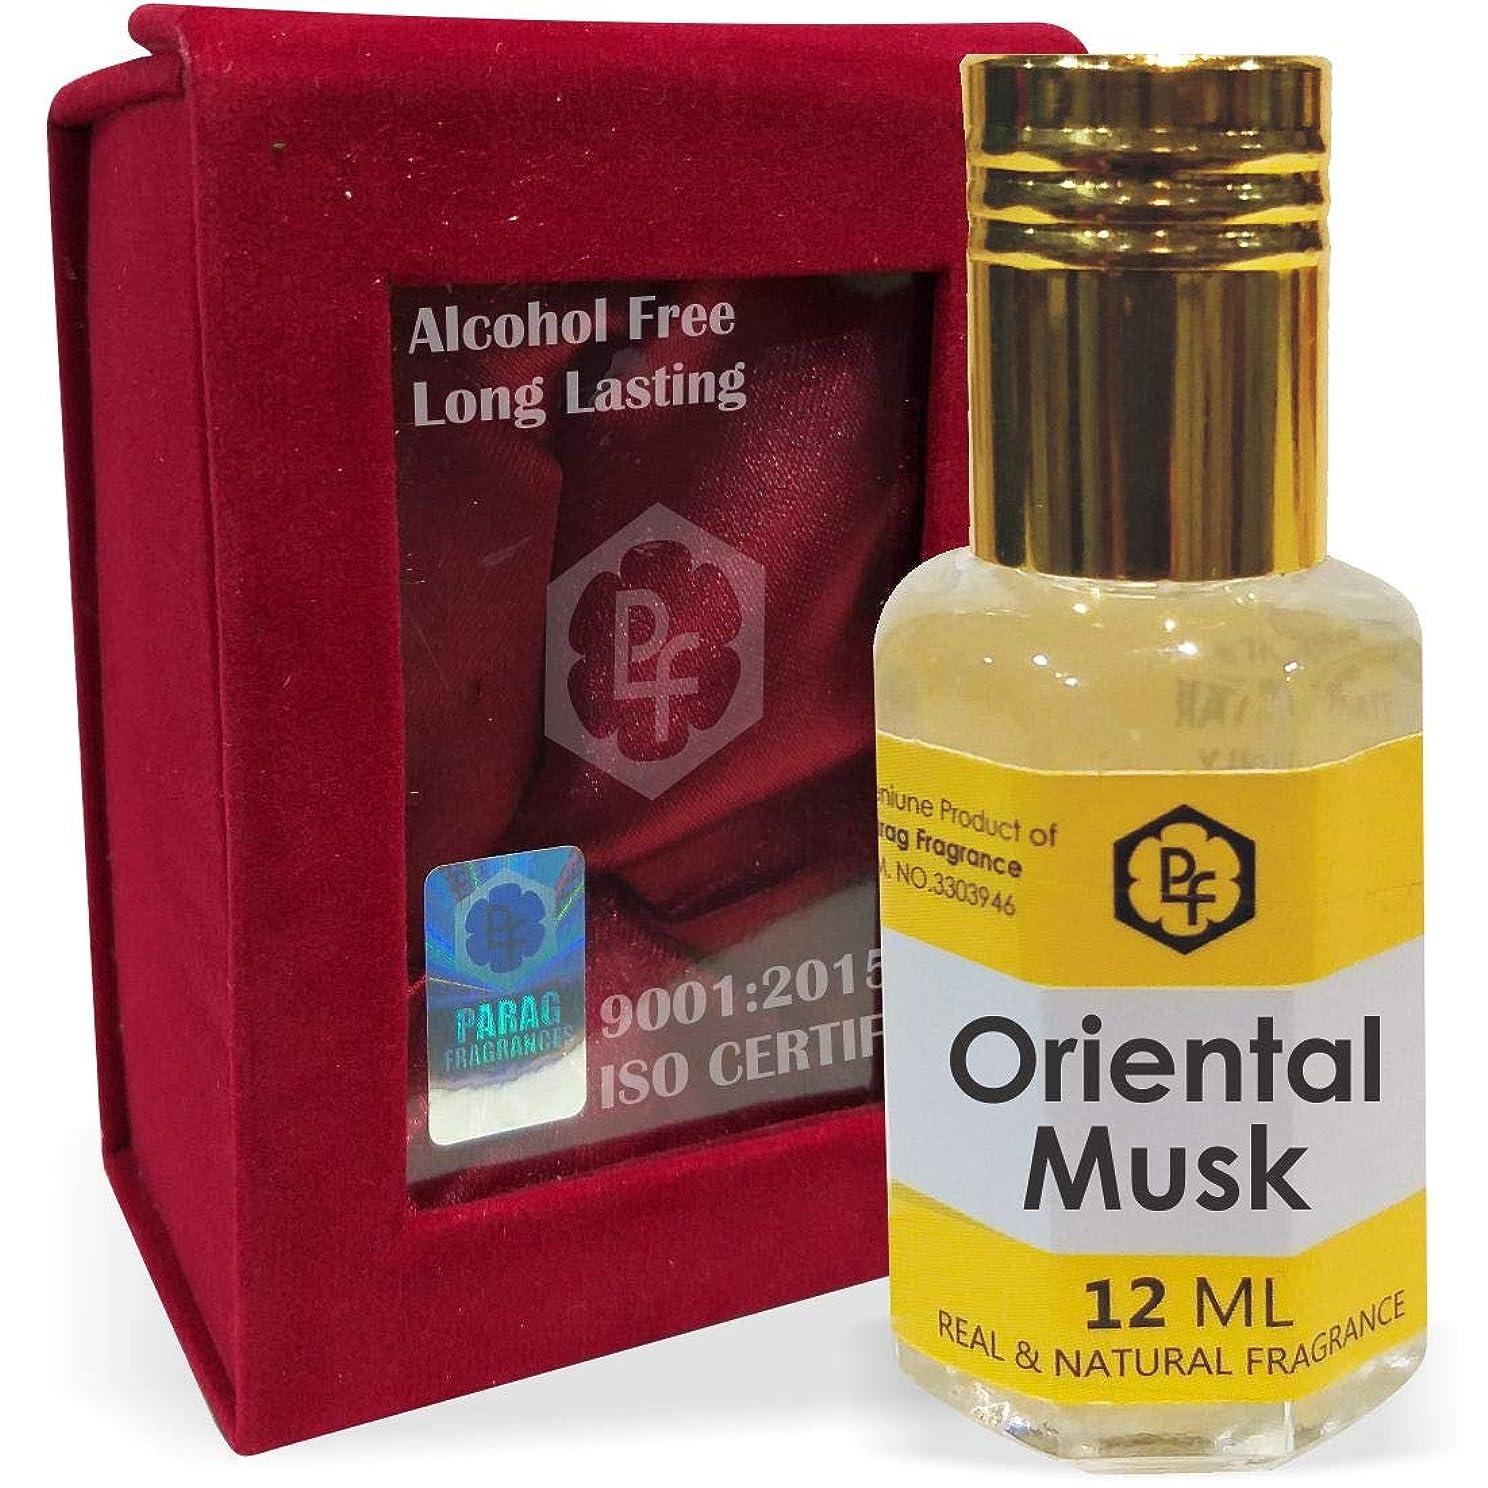 認知桃法律によりParagフレグランスオリエンタル手作りベルベットボックスムスク12ミリリットルアター/香水(インドの伝統的なBhapka処理方法により、インド製)オイル/フレグランスオイル|長持ちアターITRA最高の品質